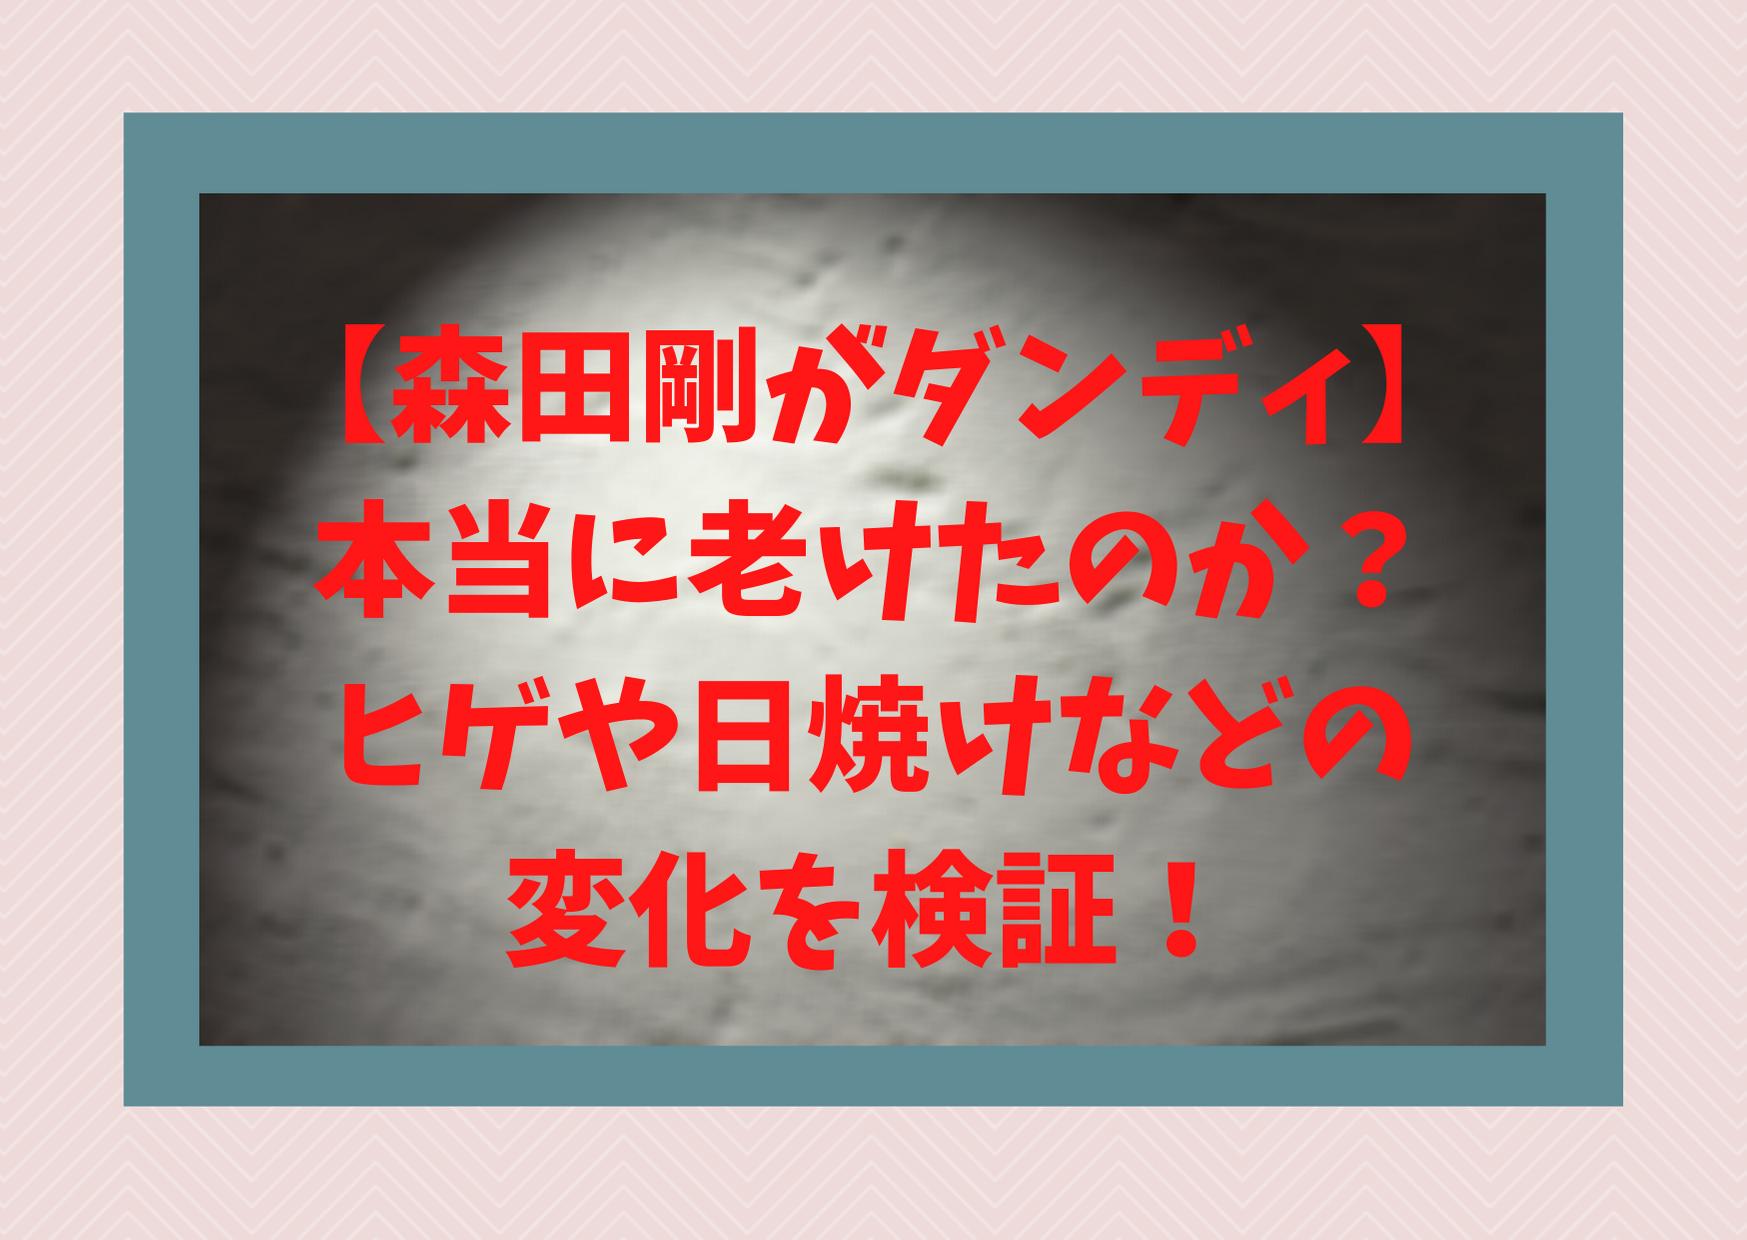 【森田剛がダンディ】本当に老けたのか?ヒゲや日焼けなどの変化を検証!